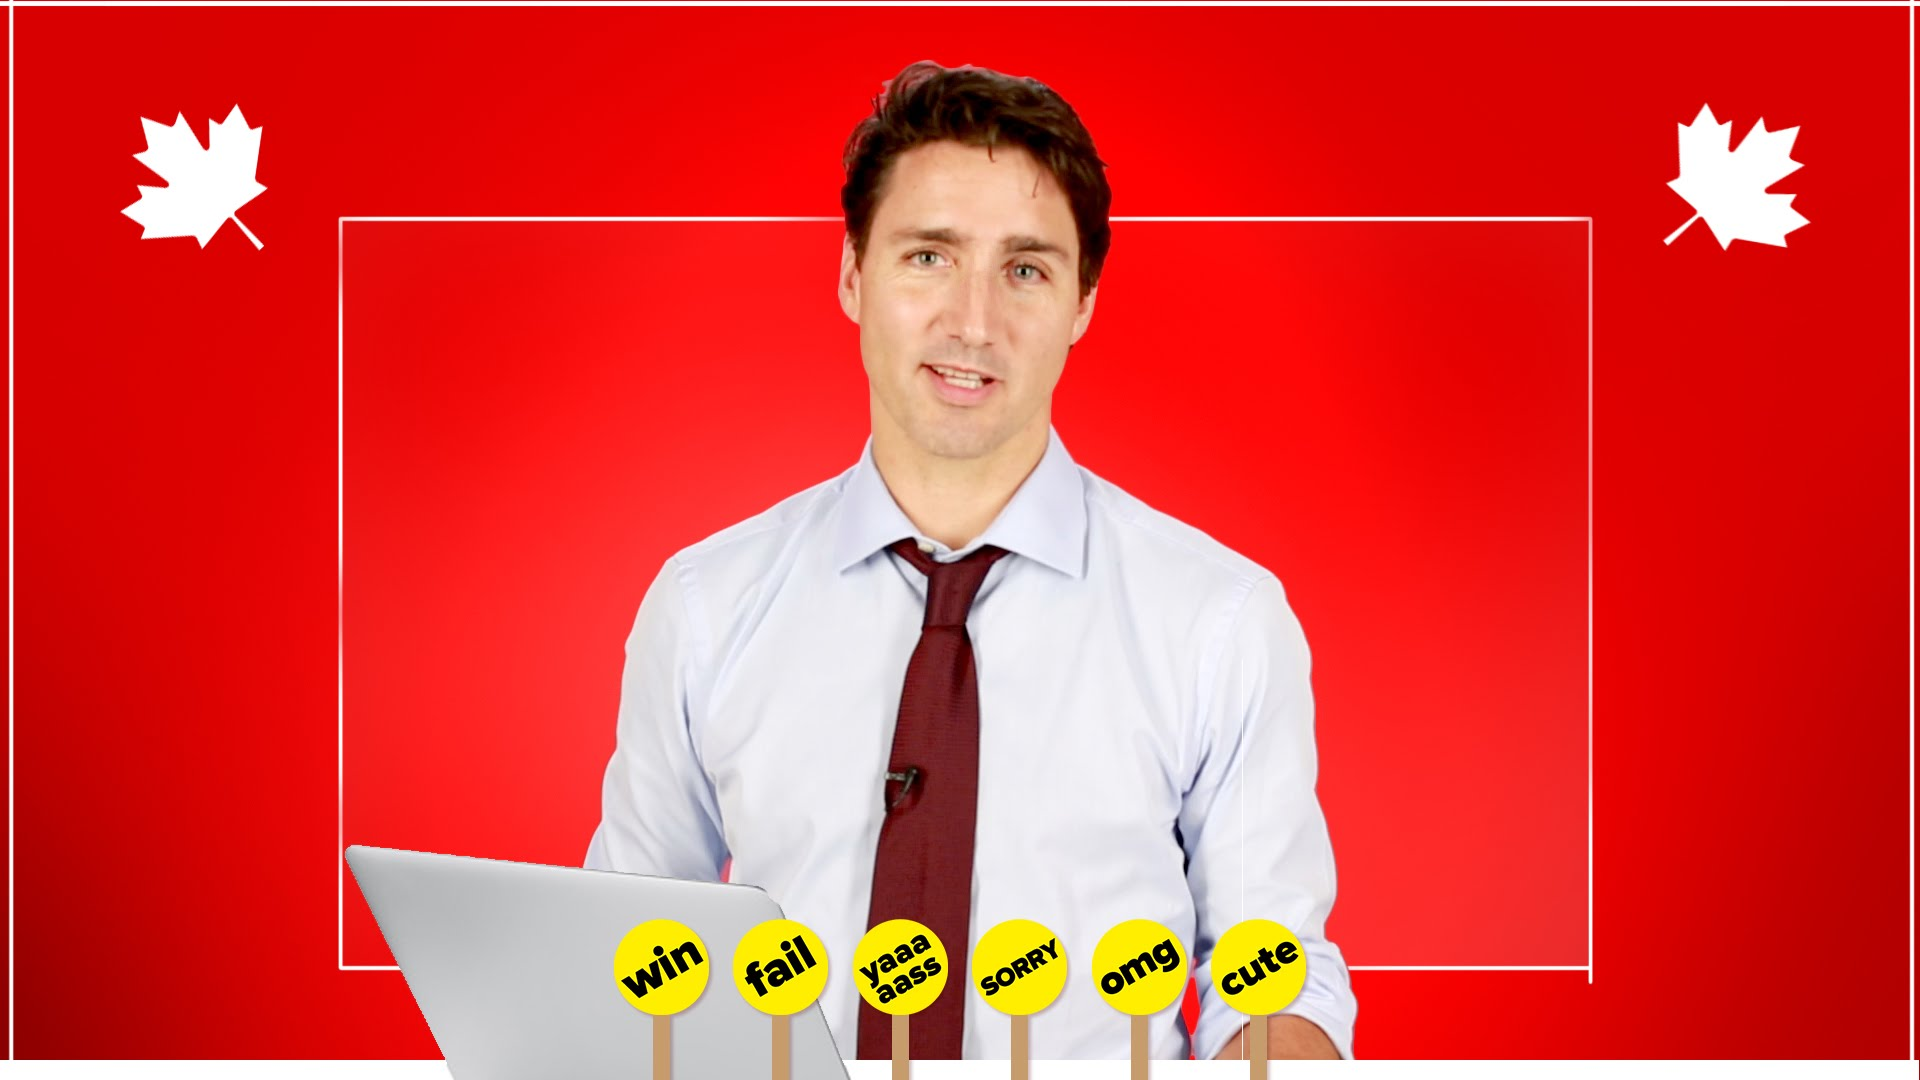 acentos del inglés - canadiense